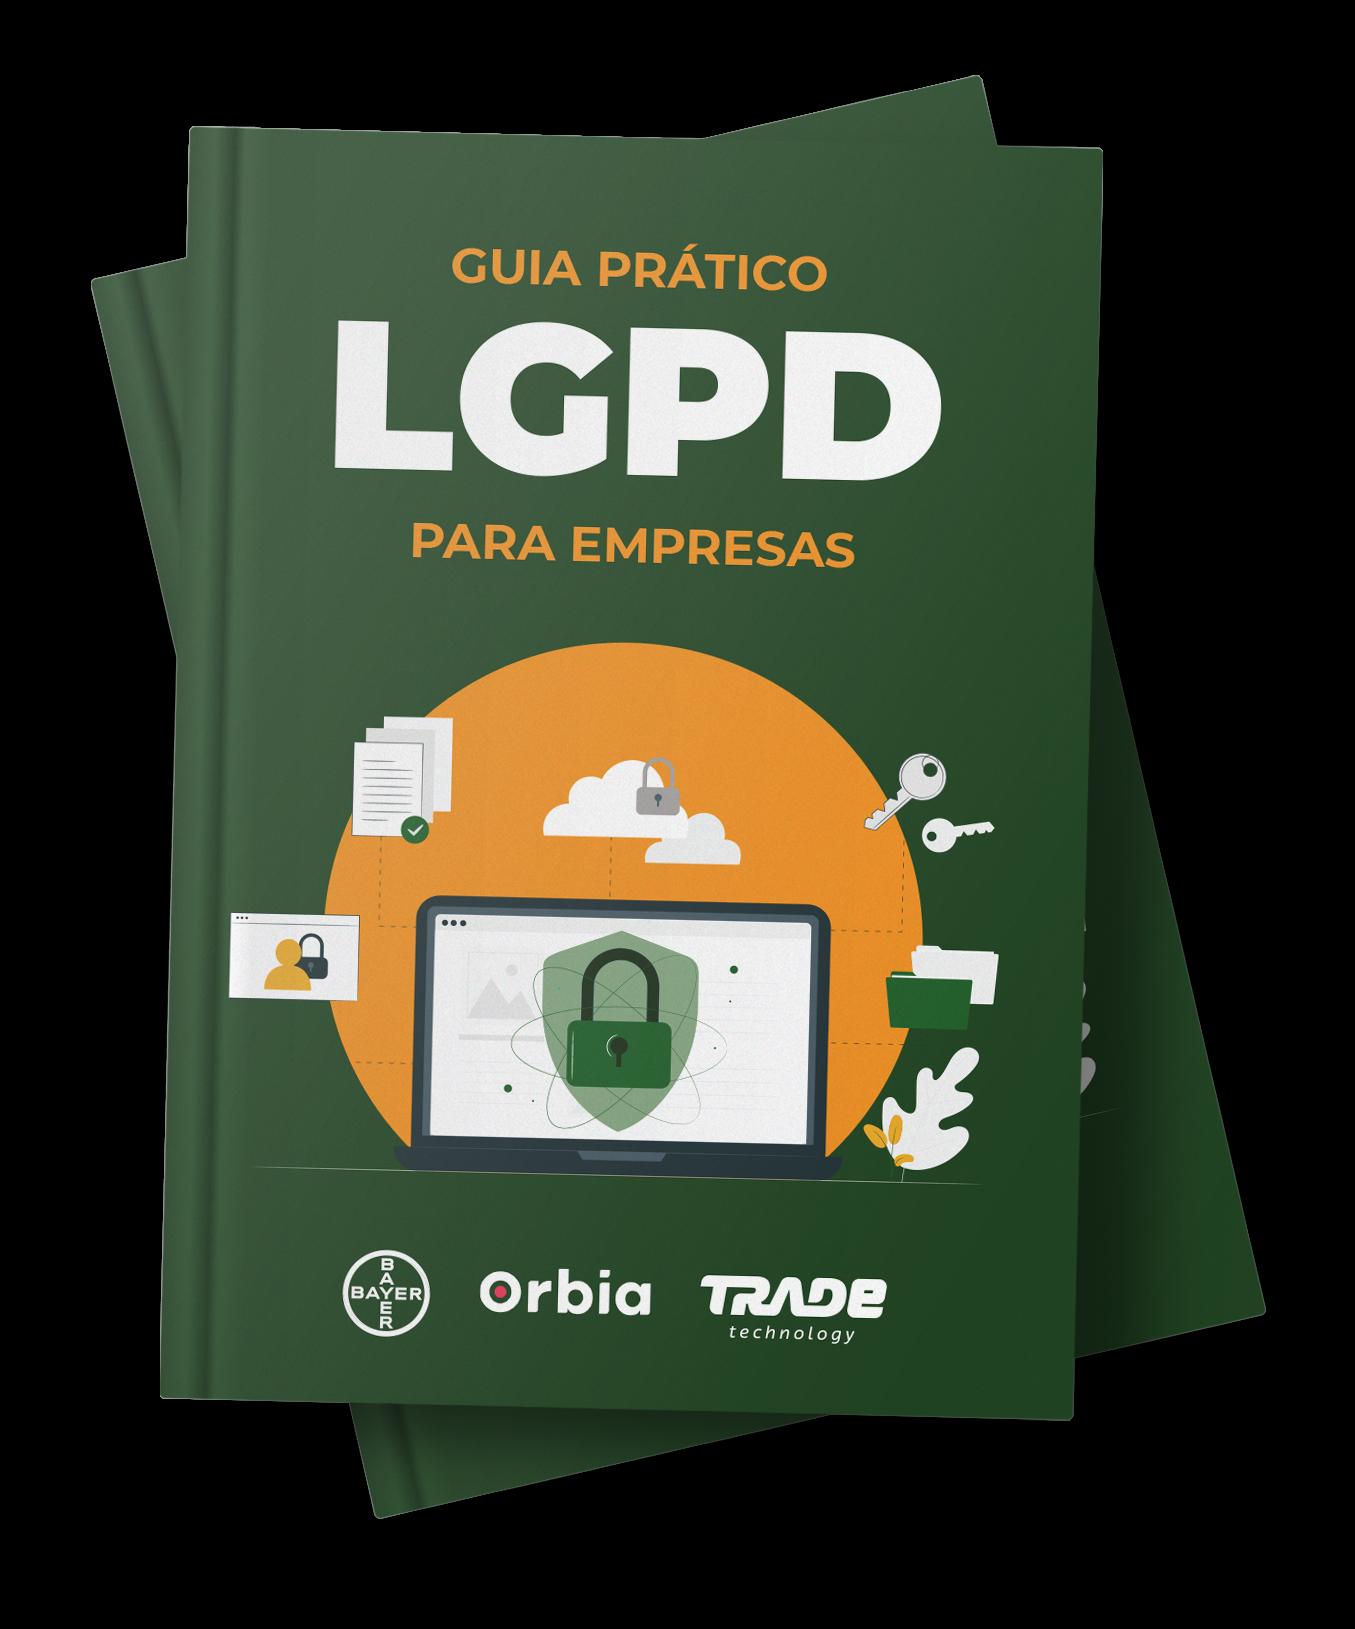 capa do ebook Guia Prático LGPD para Empresas, conteúdo criado pela Trade Technology em parceria com a Bayer e a Orbia